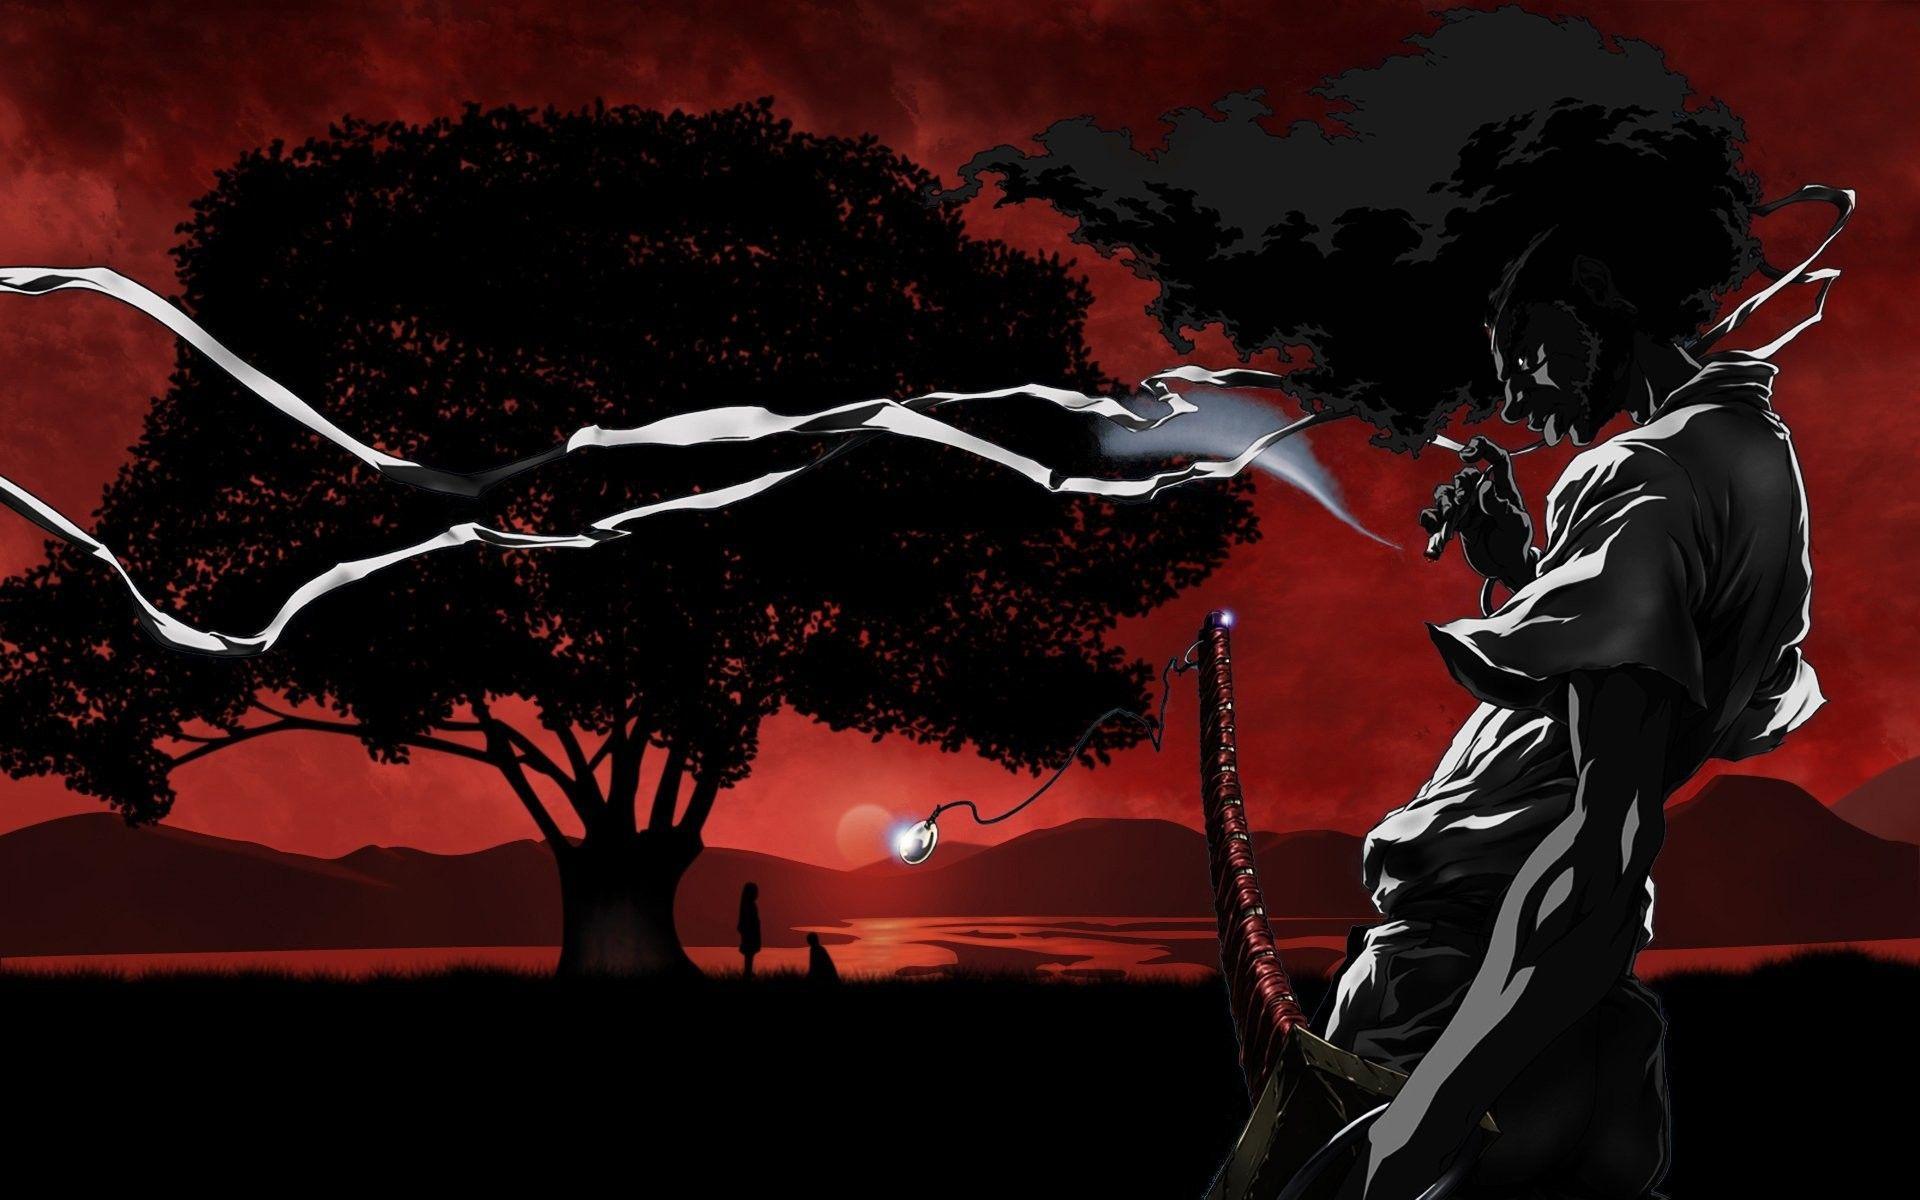 Black Samurai Wallpapers HD - Wallpaper